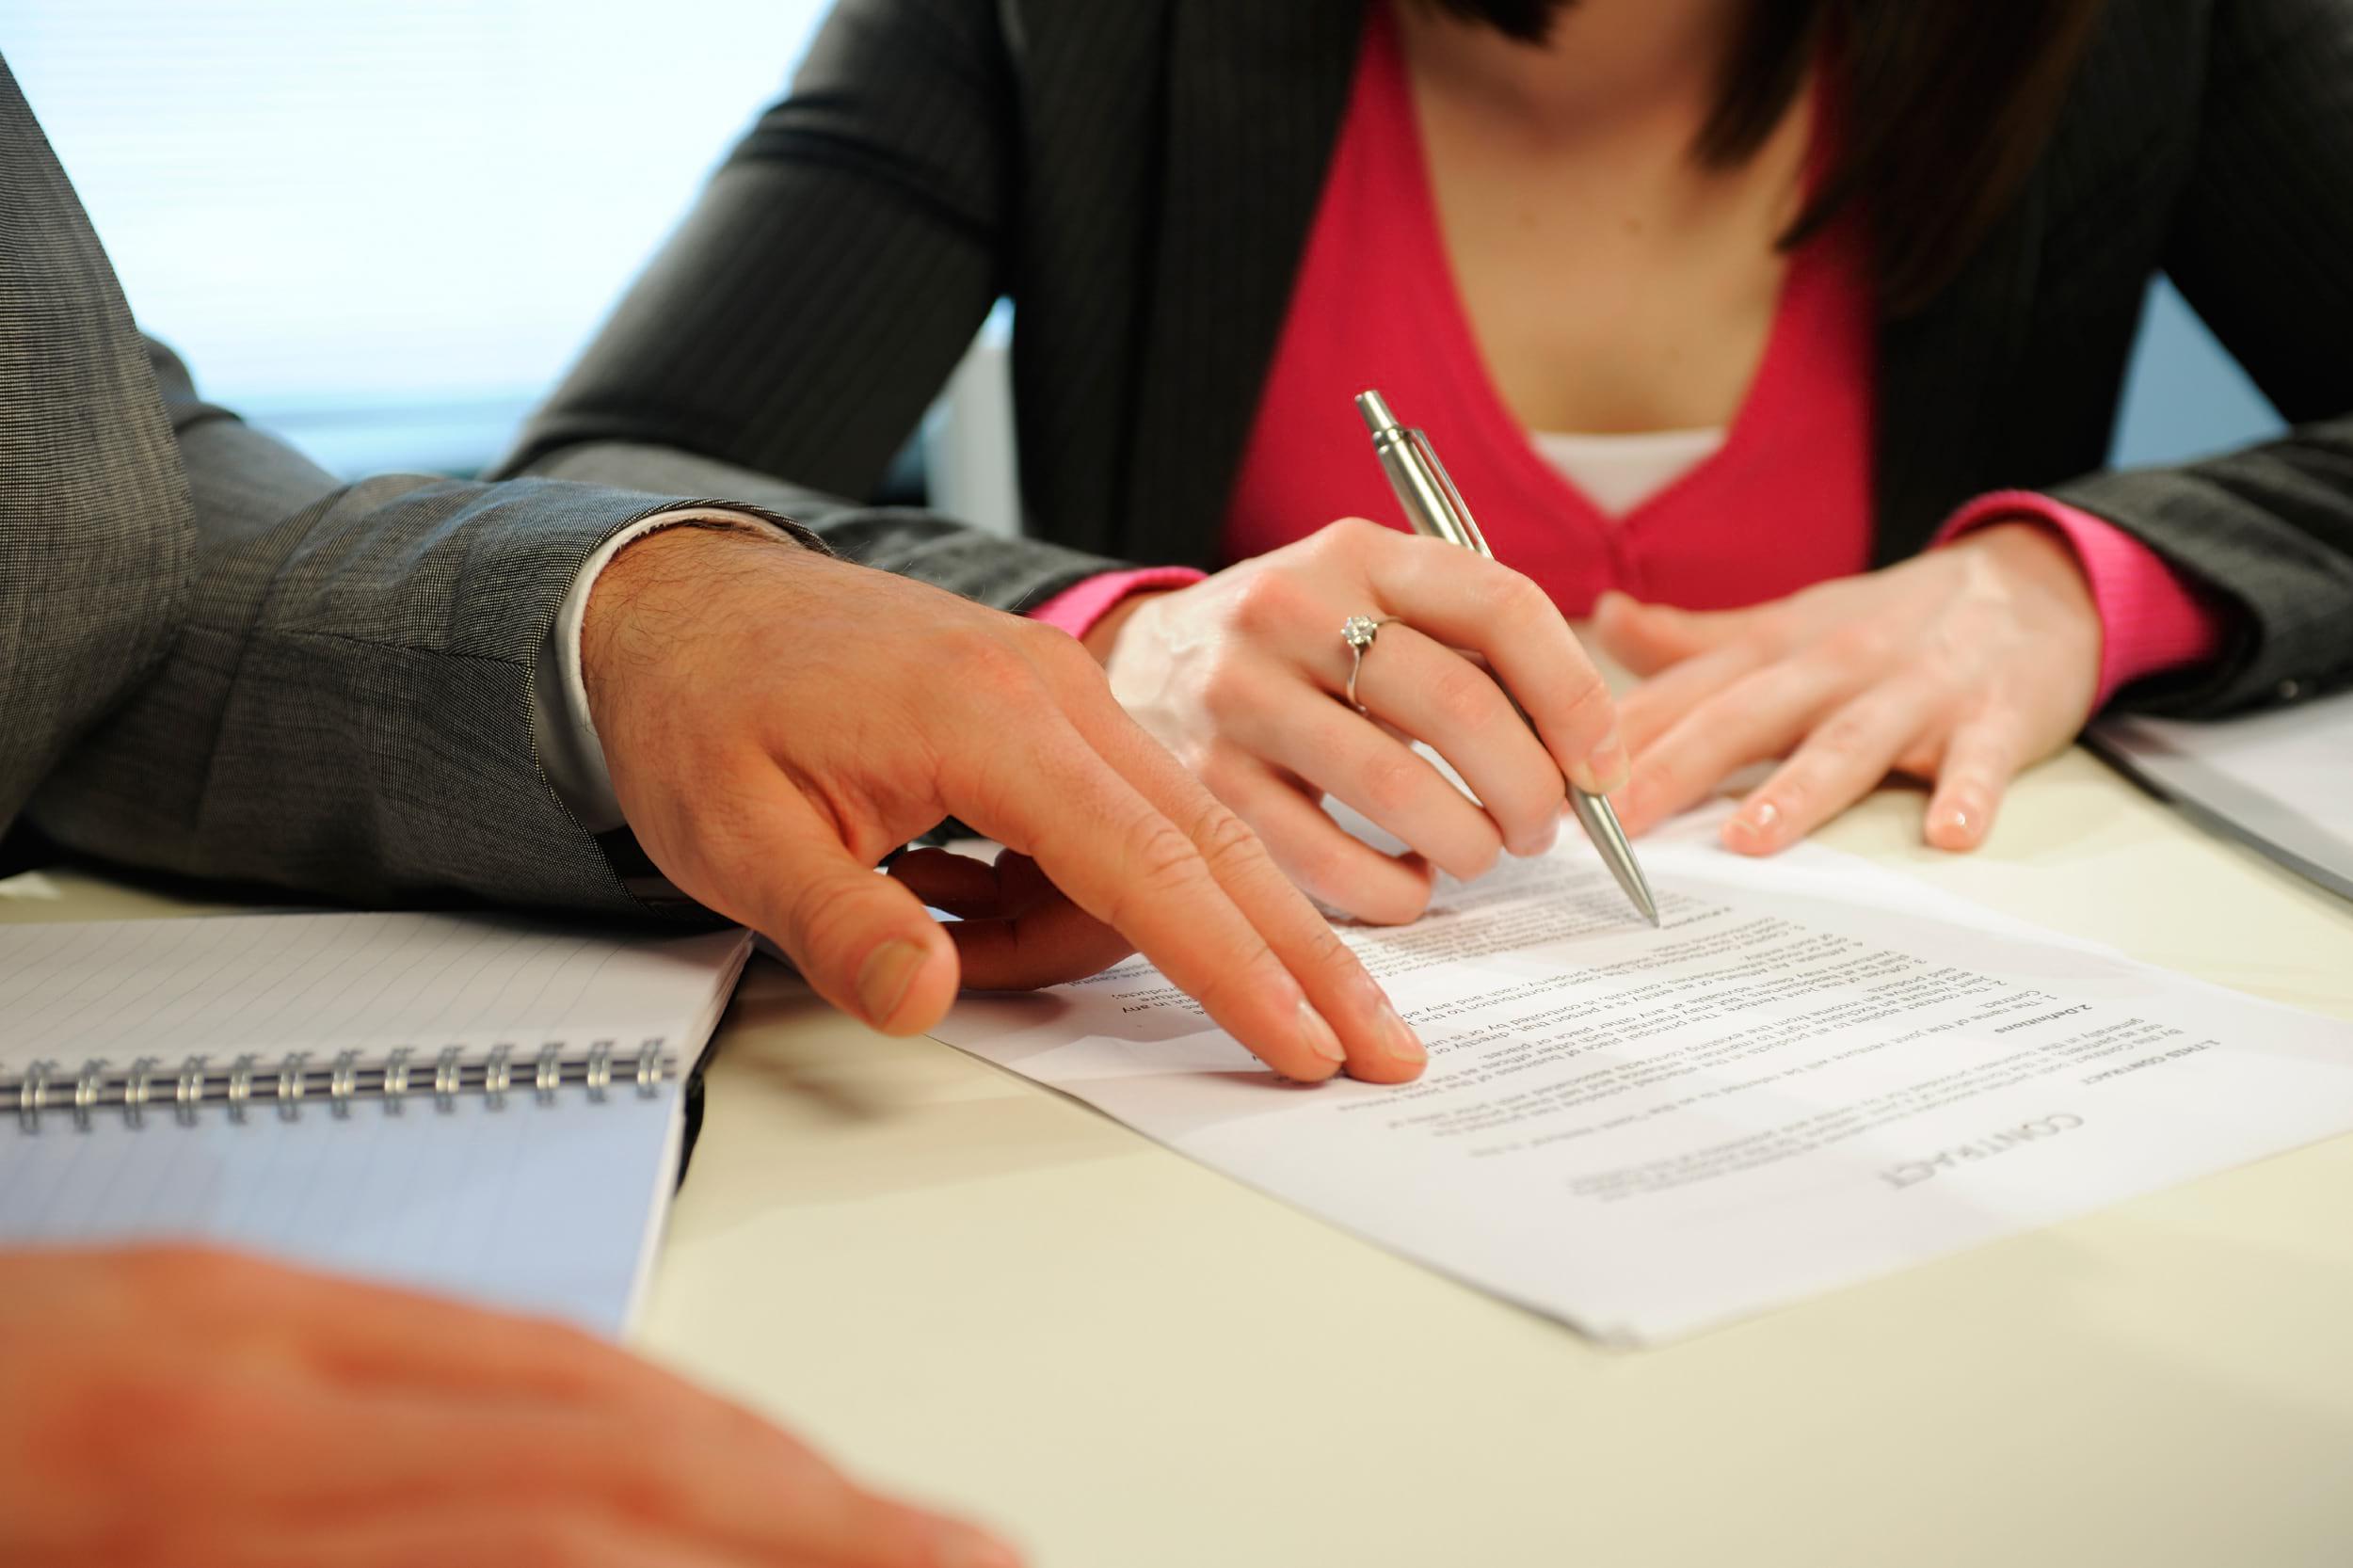 Наследует ли супруг имущество жены приобретенное до брака